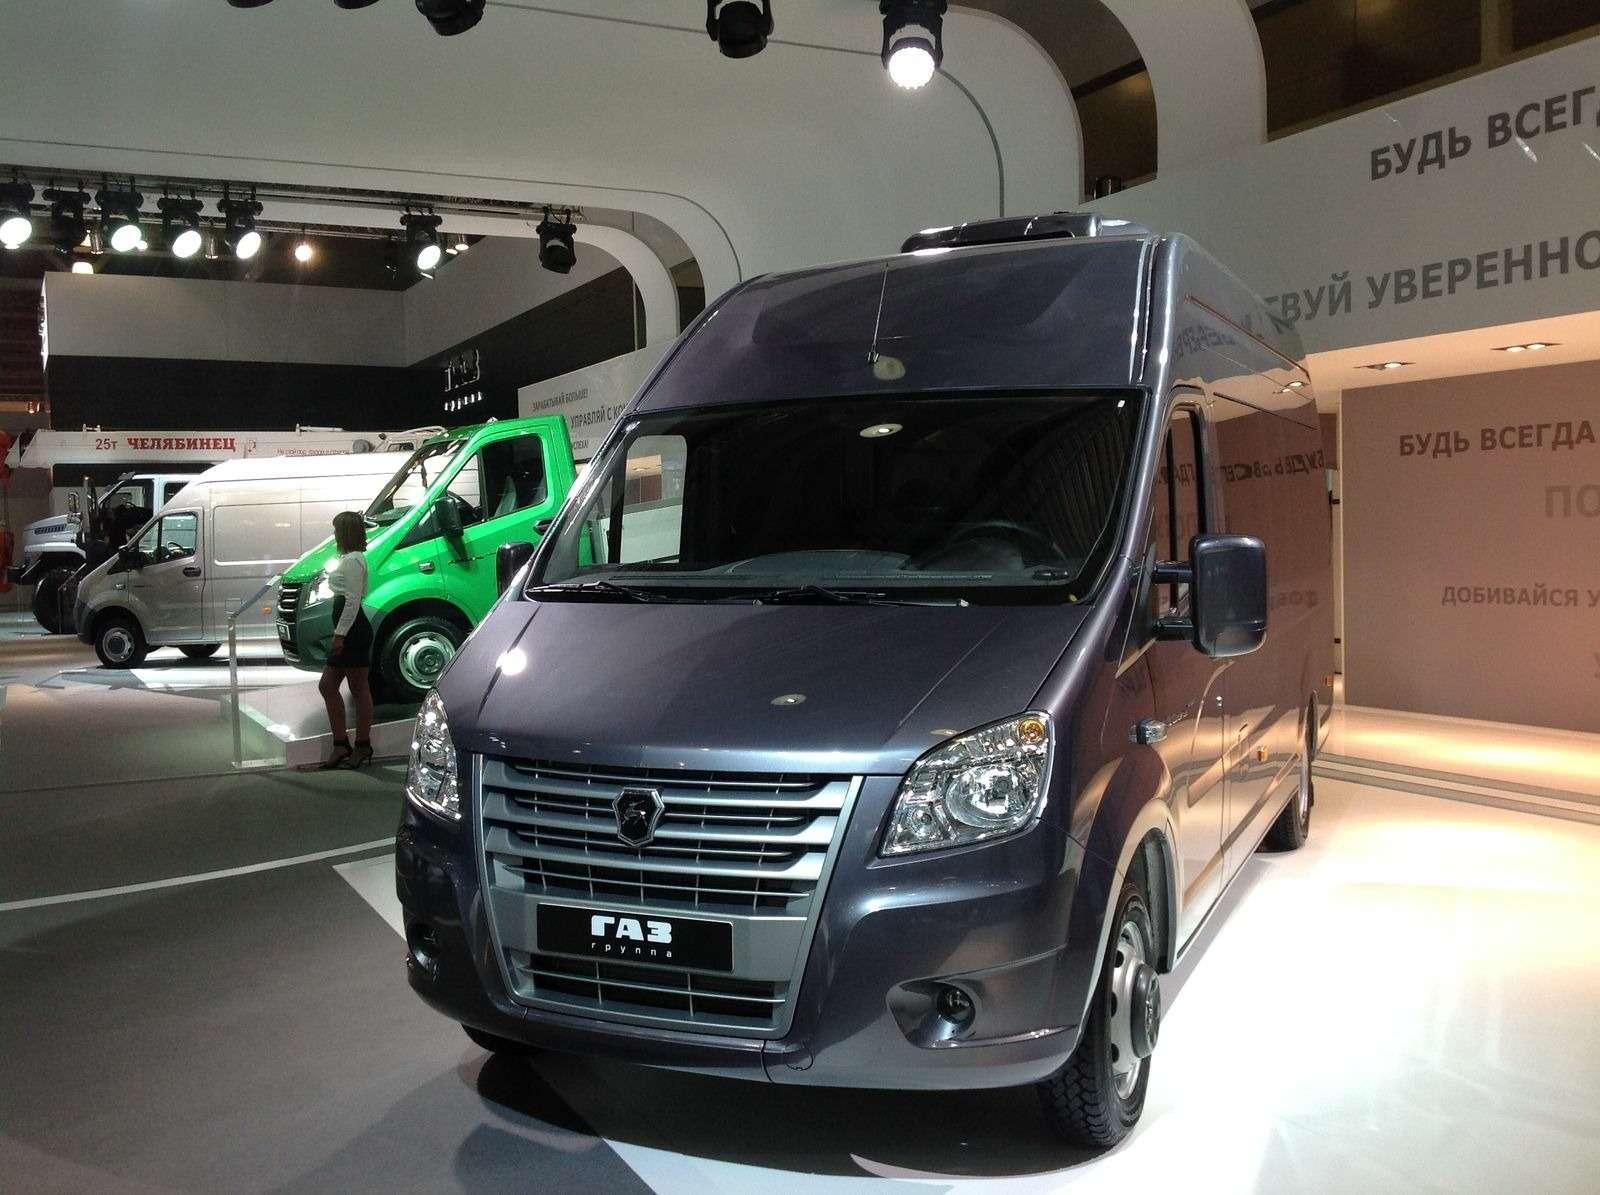 «Группа ГАЗ» представила новые модели коммерческой техники - фото 388955